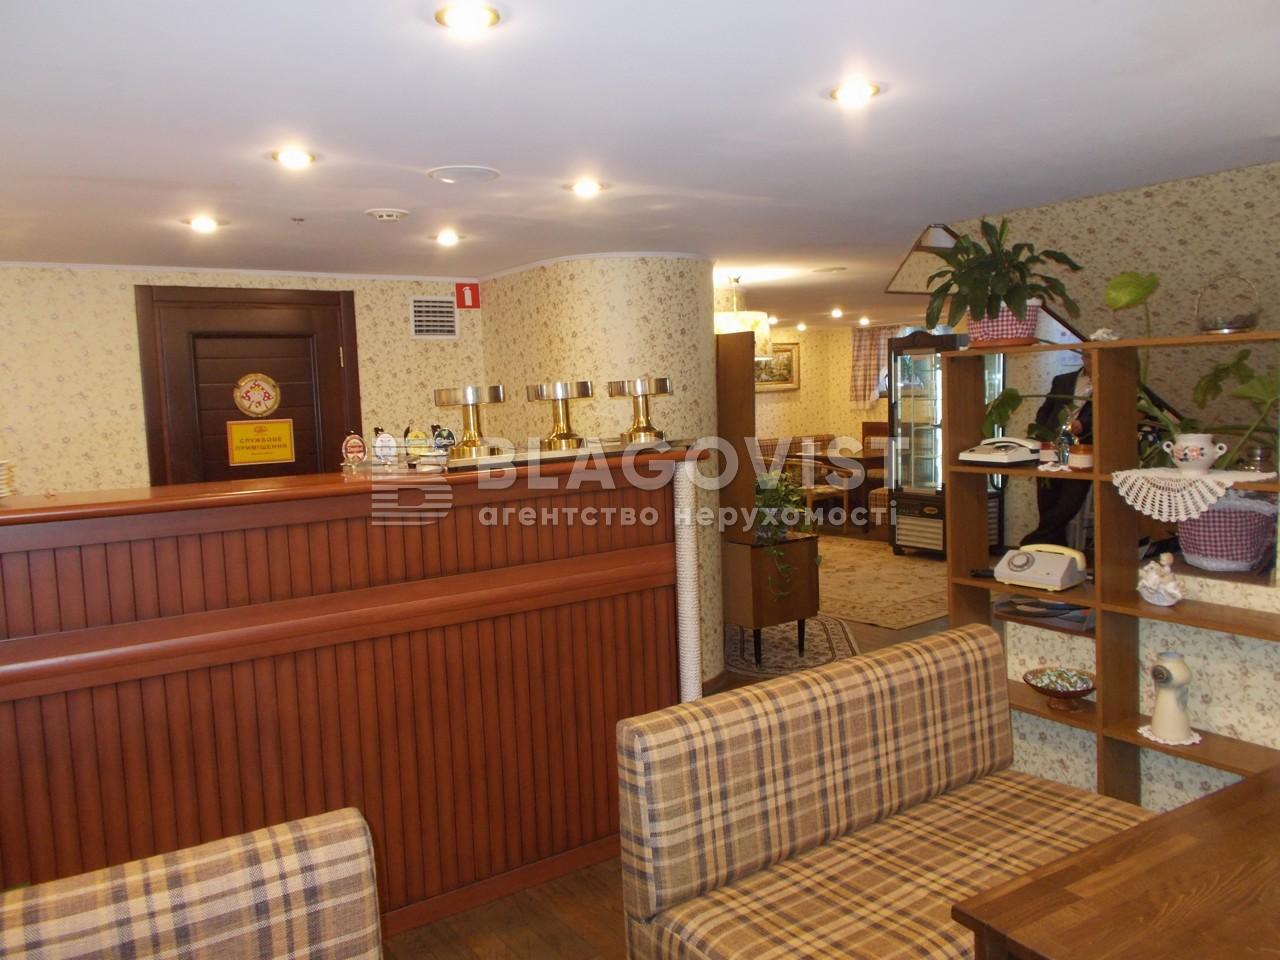 Ресторан, R-14955, Банкова, Київ - Фото 8